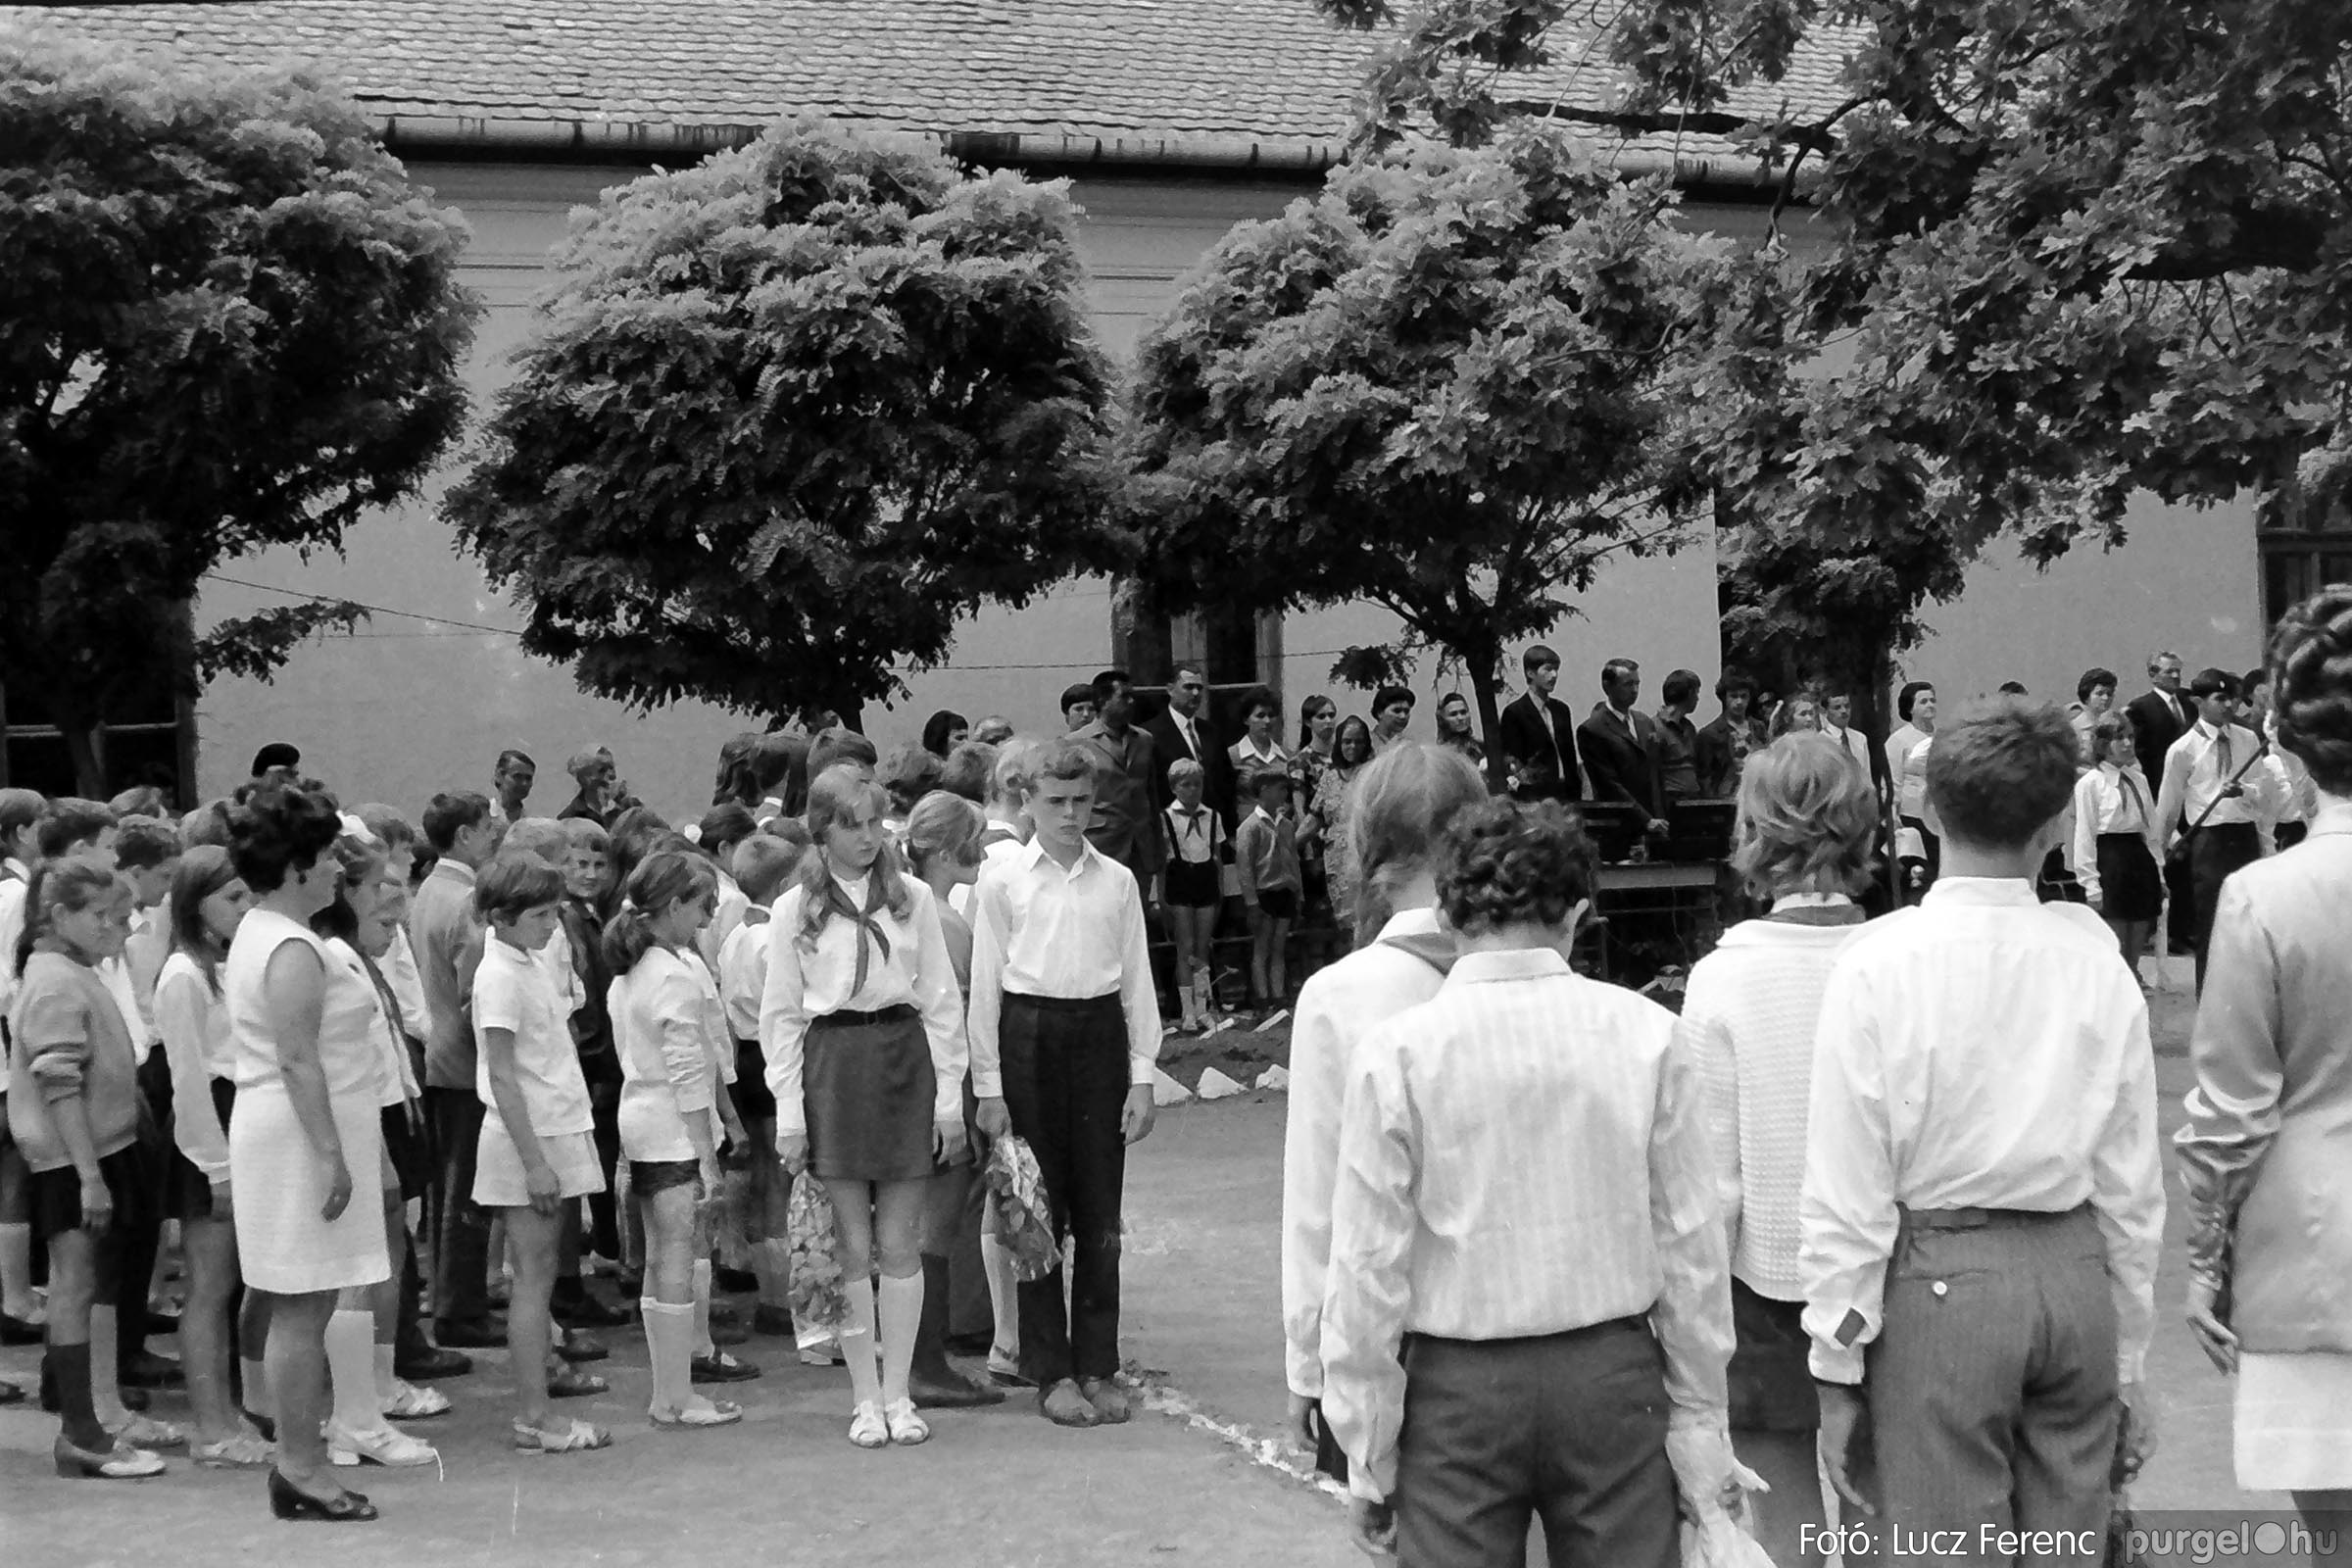 001 1972.05.27. Ballagás a szegvári iskolában 022 - Fotó: Lucz Ferenc - IMG01079q.jpg